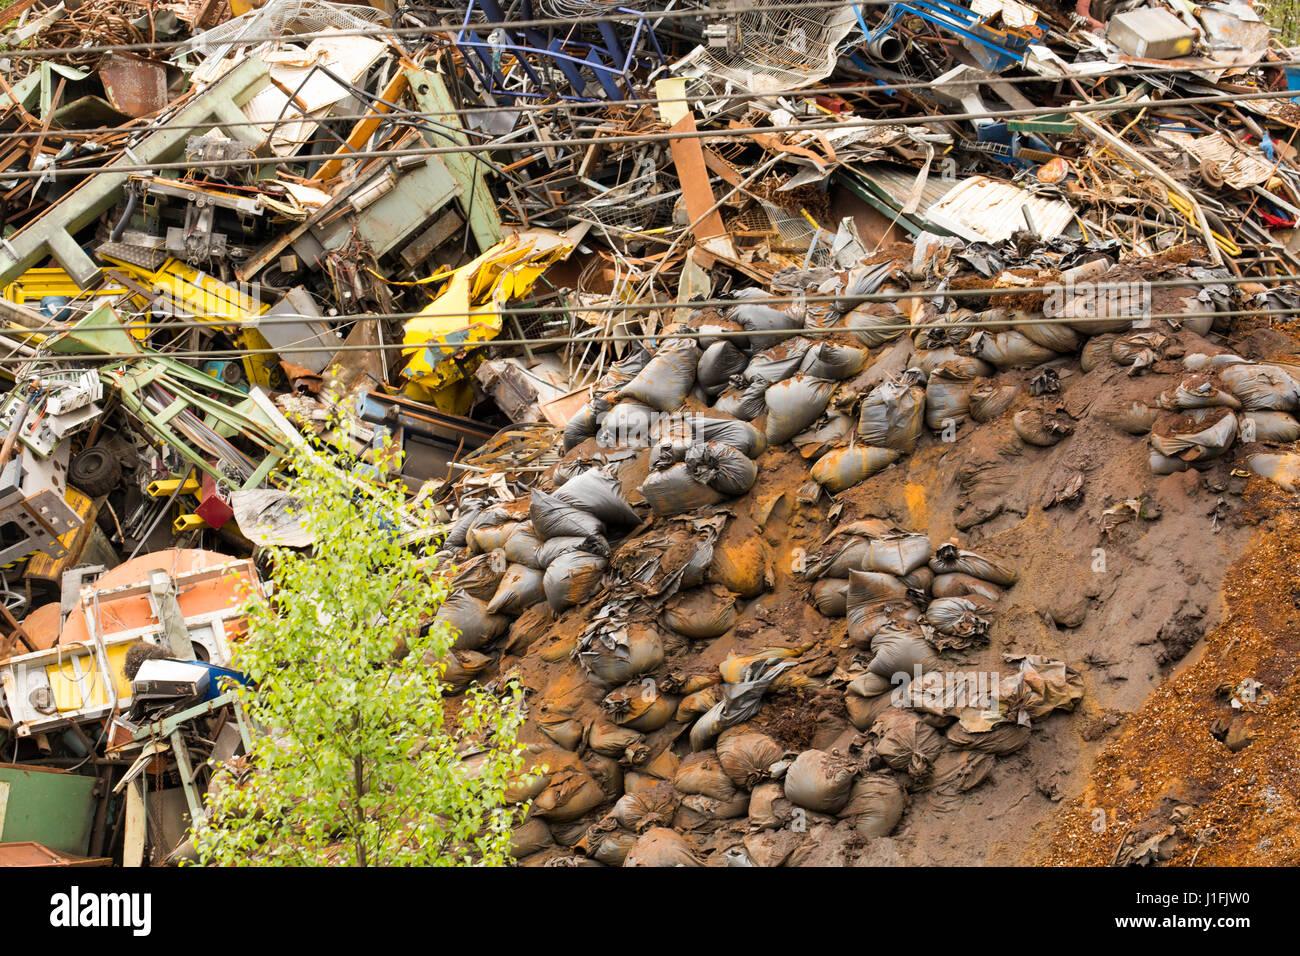 Metal Scrap Yard - Stock Image